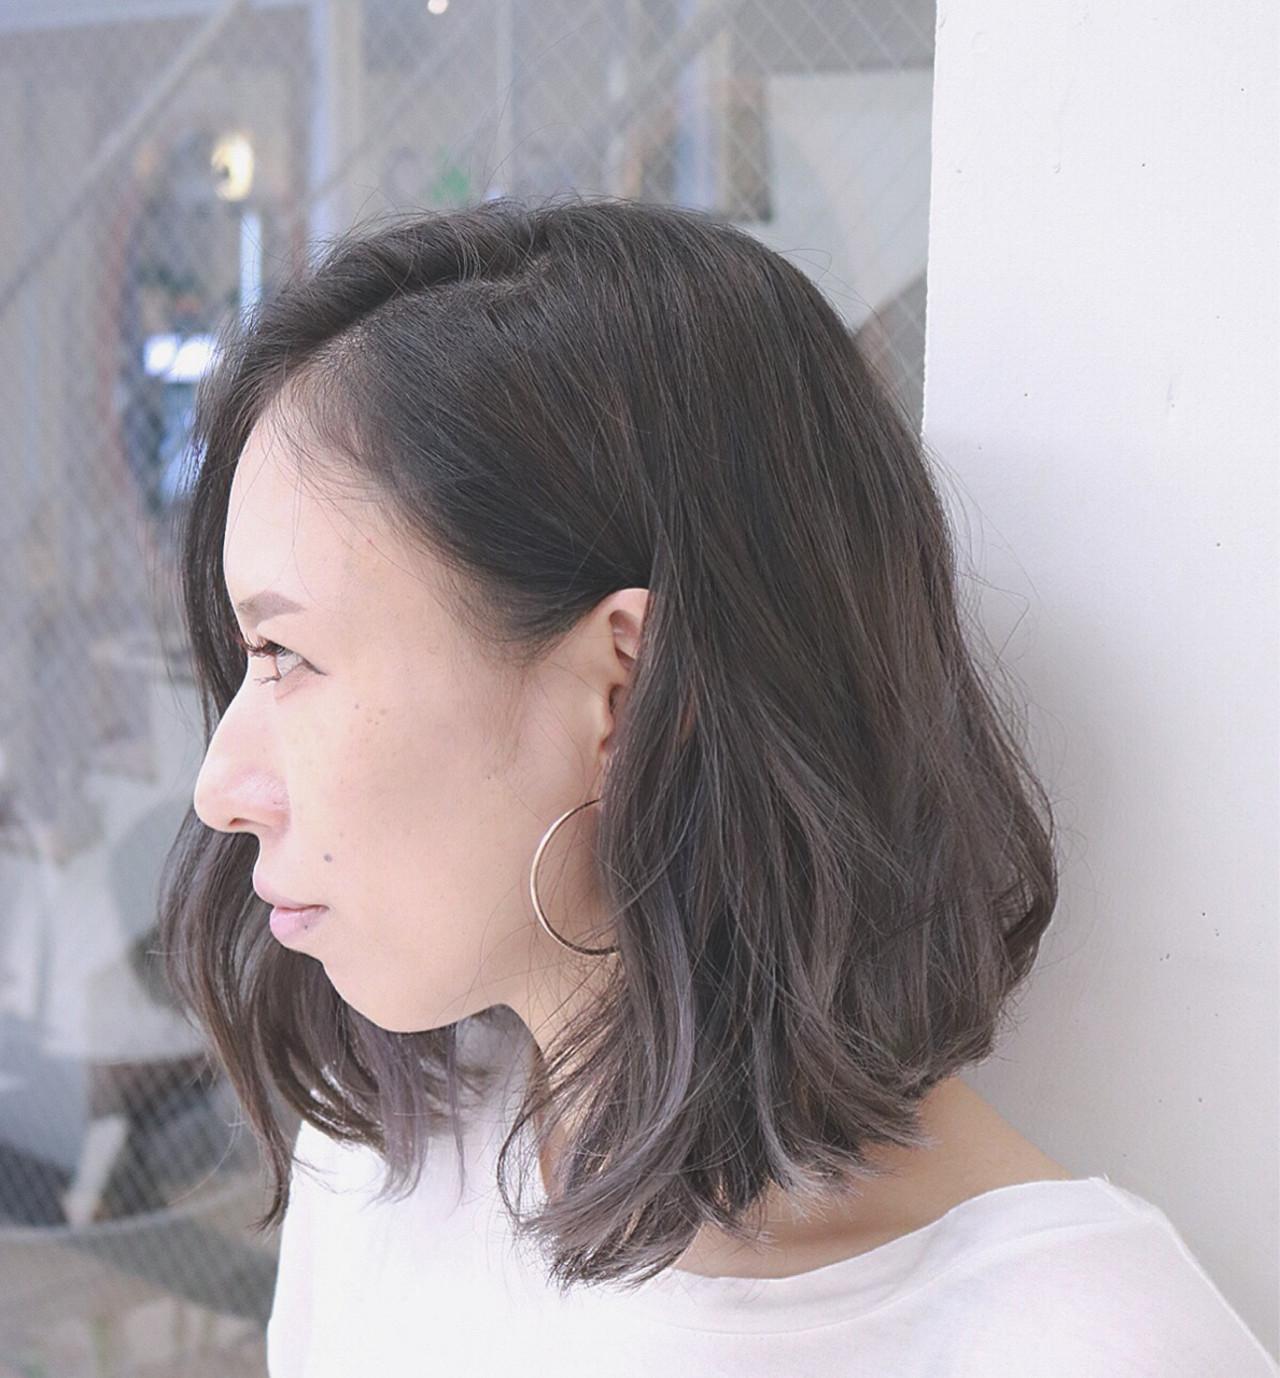 お嬢様風♡エレガントなレイヤーカットヘア RUMINA 高田ゆみこ